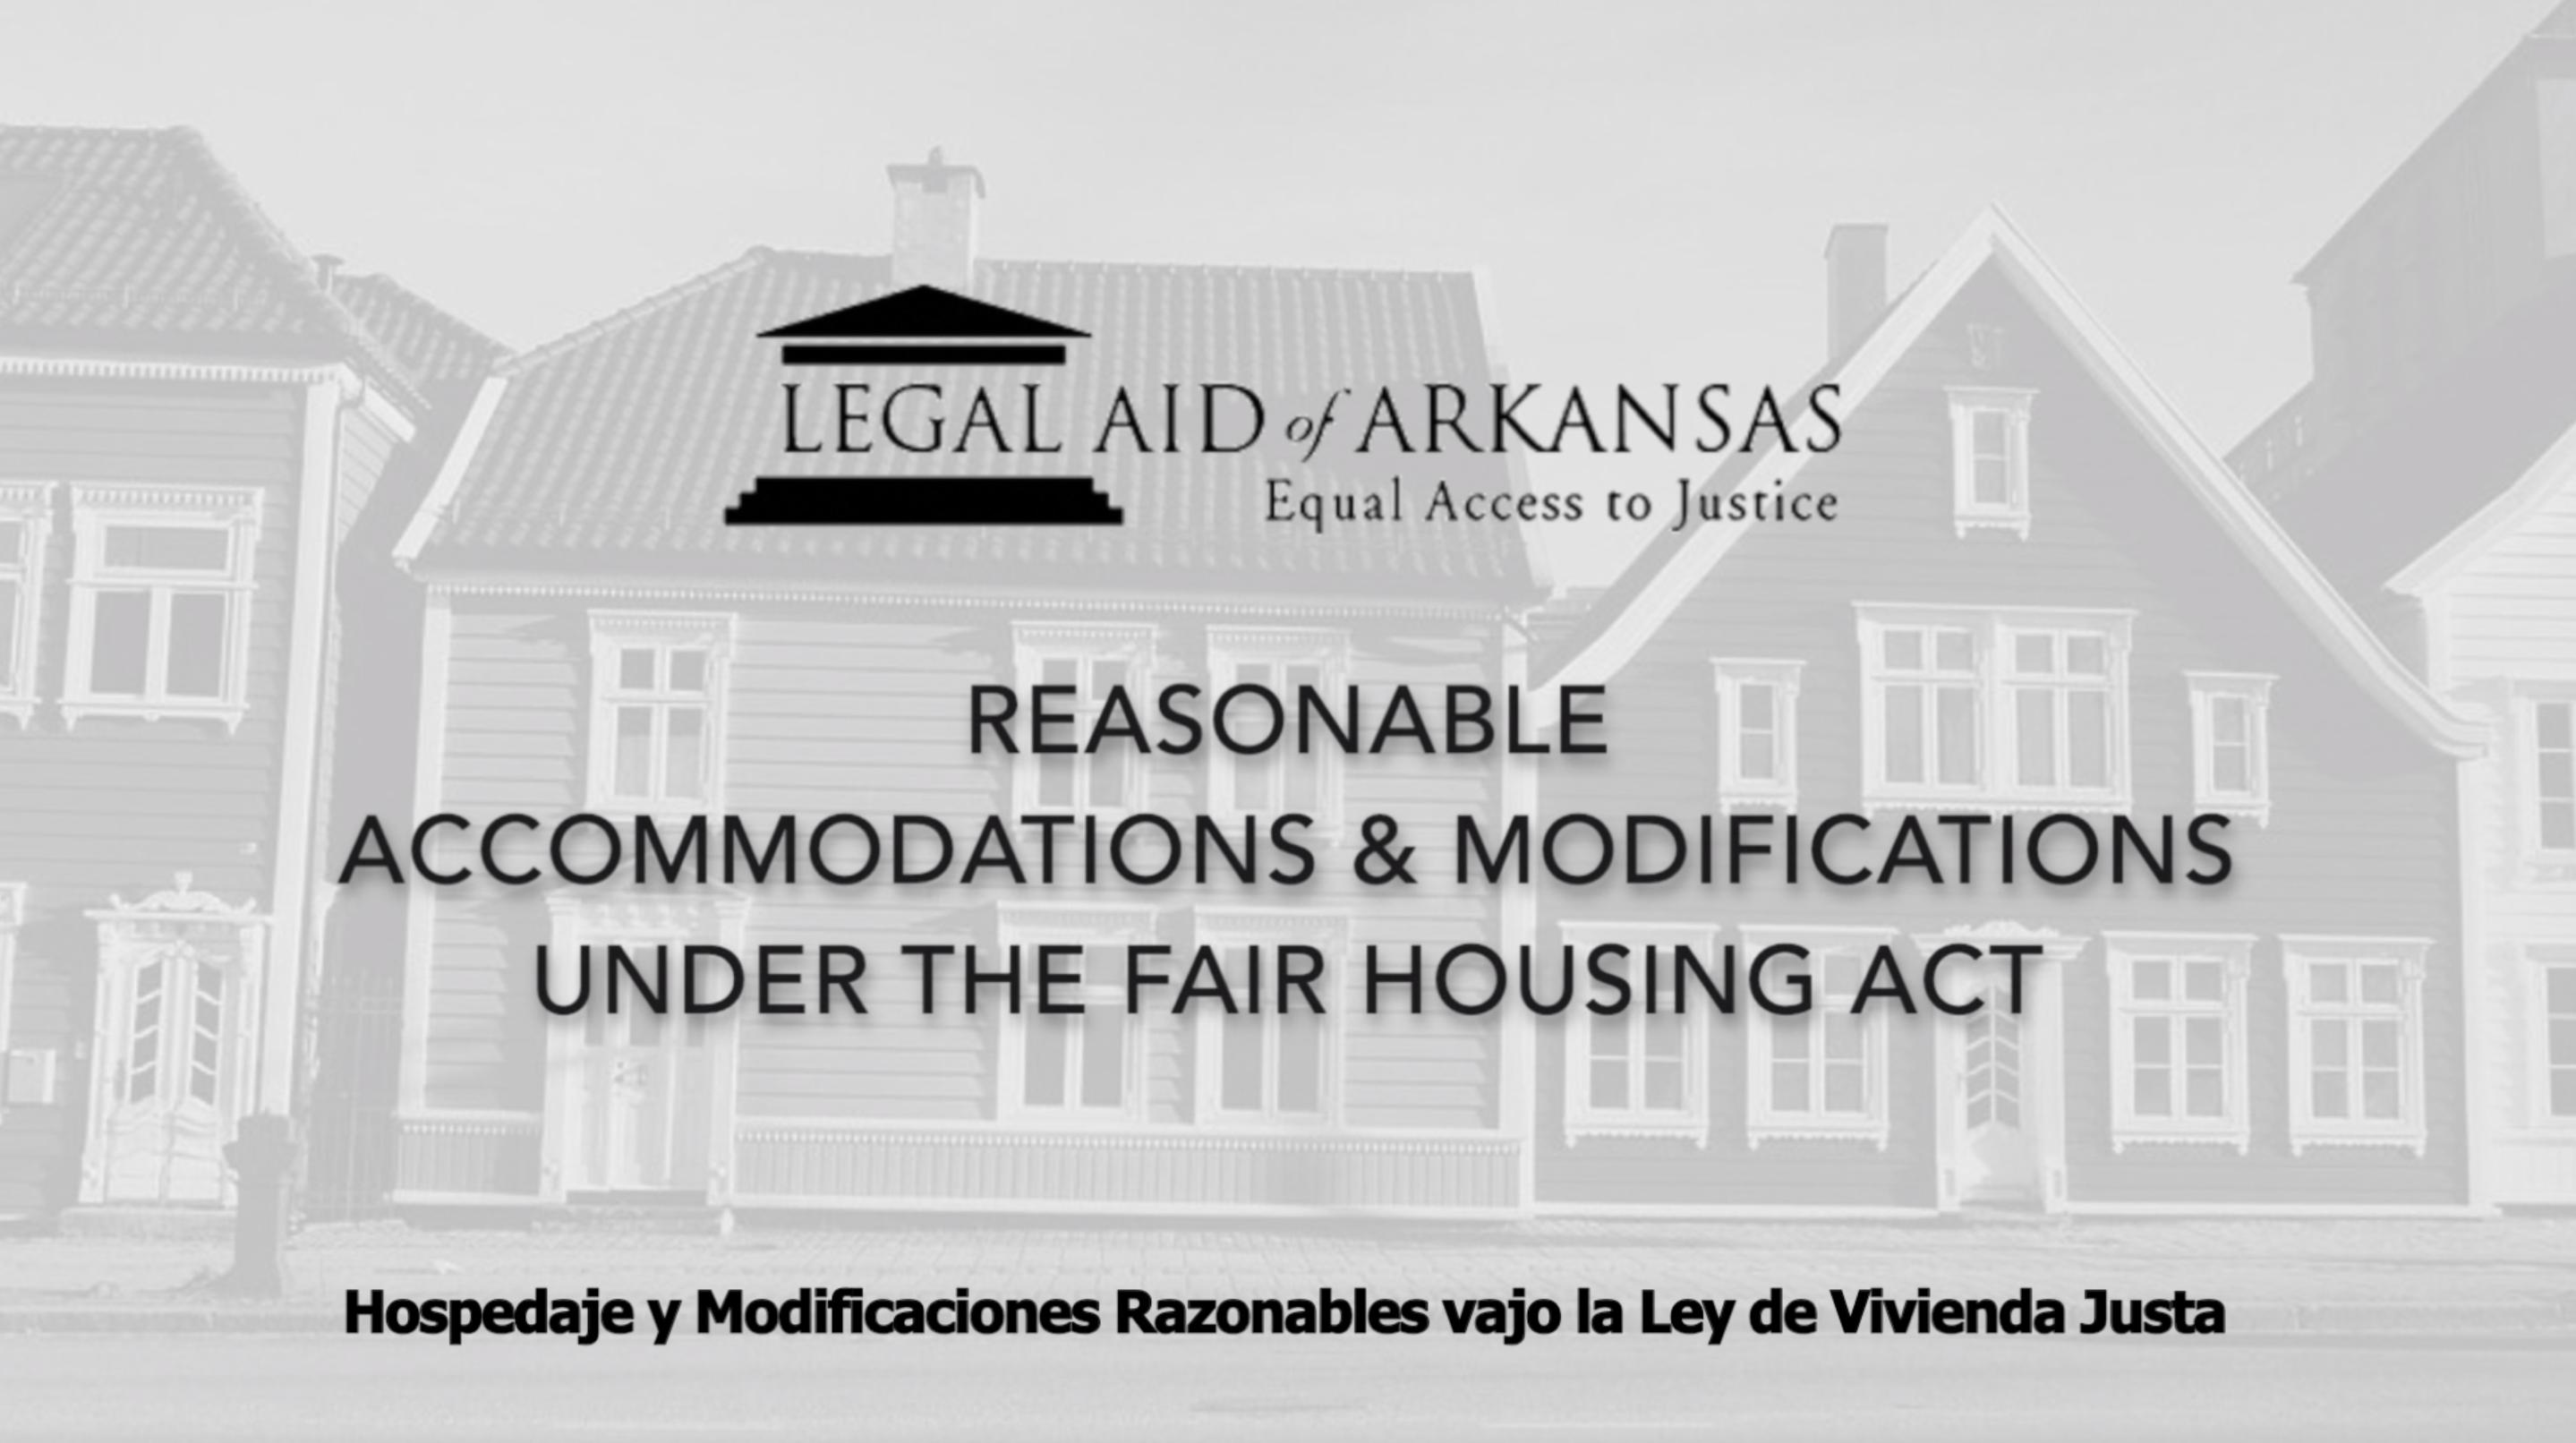 VIDEO - Hospedaje y Modificaciones Razonables bajo la Ley de Vivienda Justa